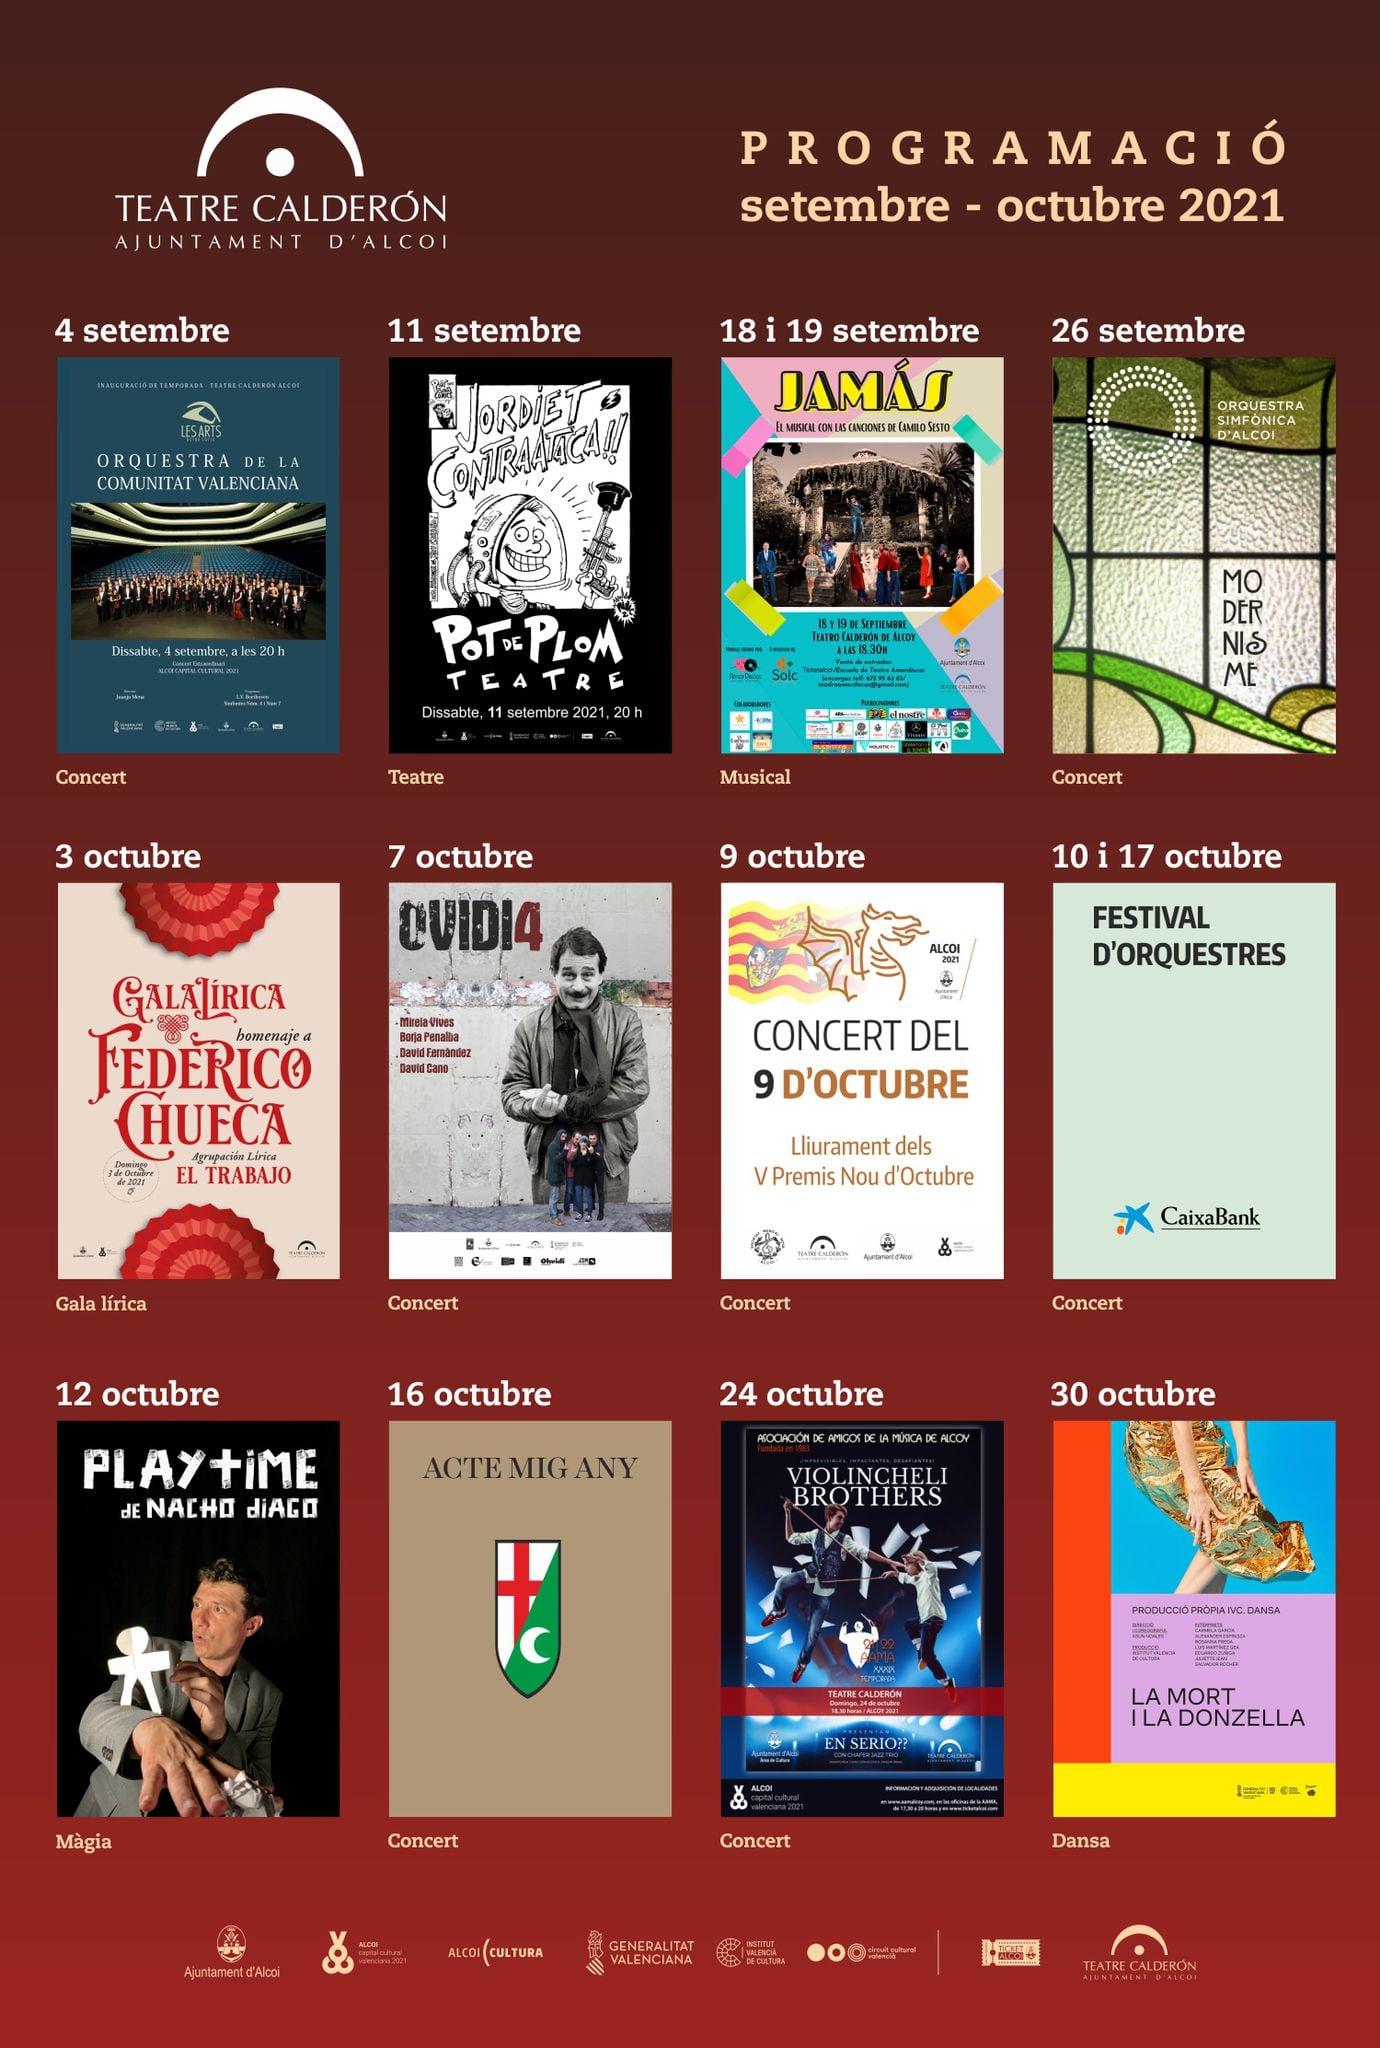 Programación septiembre - octubre Teatro Calderón (pdf)